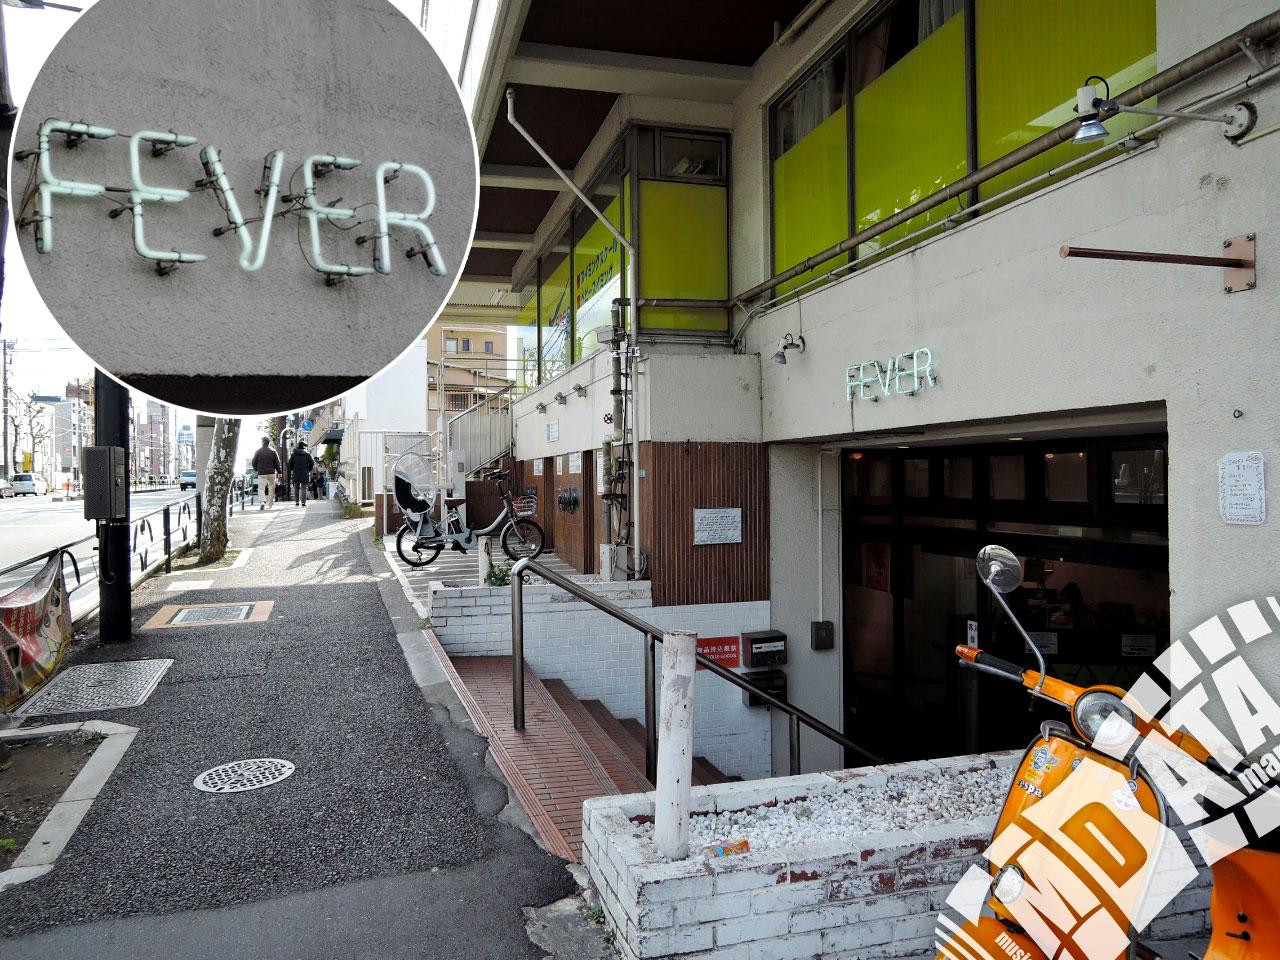 新代田FEVERの写真 撮影日:2017/5/5 Photo taken on 2017/05/05